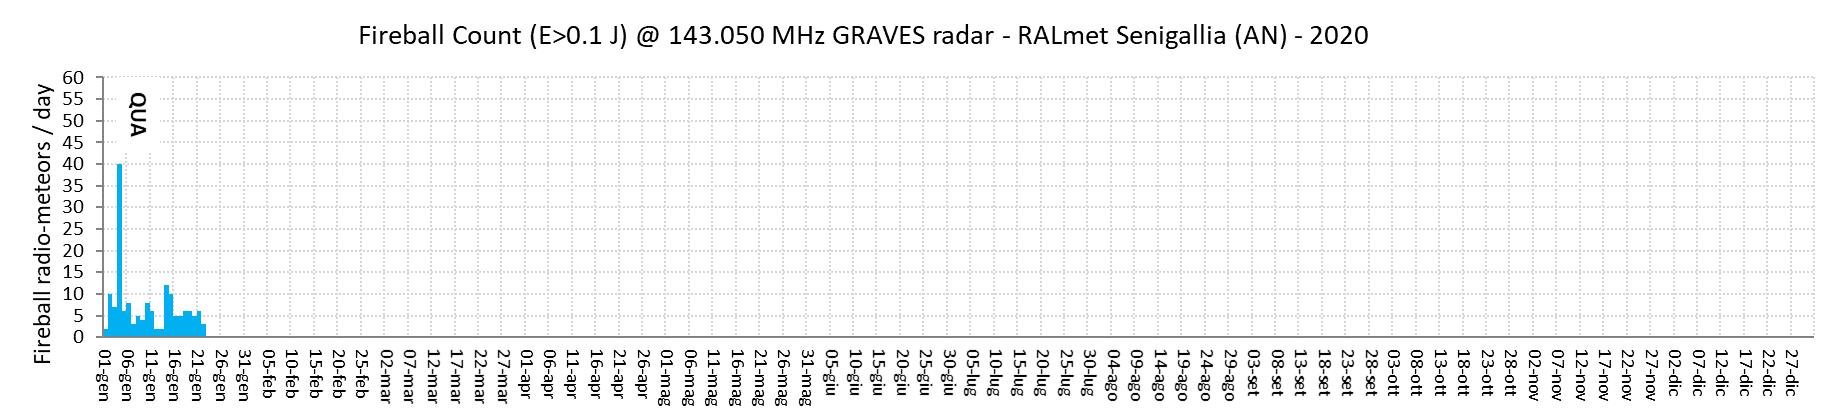 """Numero giornaliero di """"radio-bolidi"""". Con questo termine (arbitrario) abbiamo classificato tutti gli eventi con energia del segnale radio superiore a 100000 nW*s."""